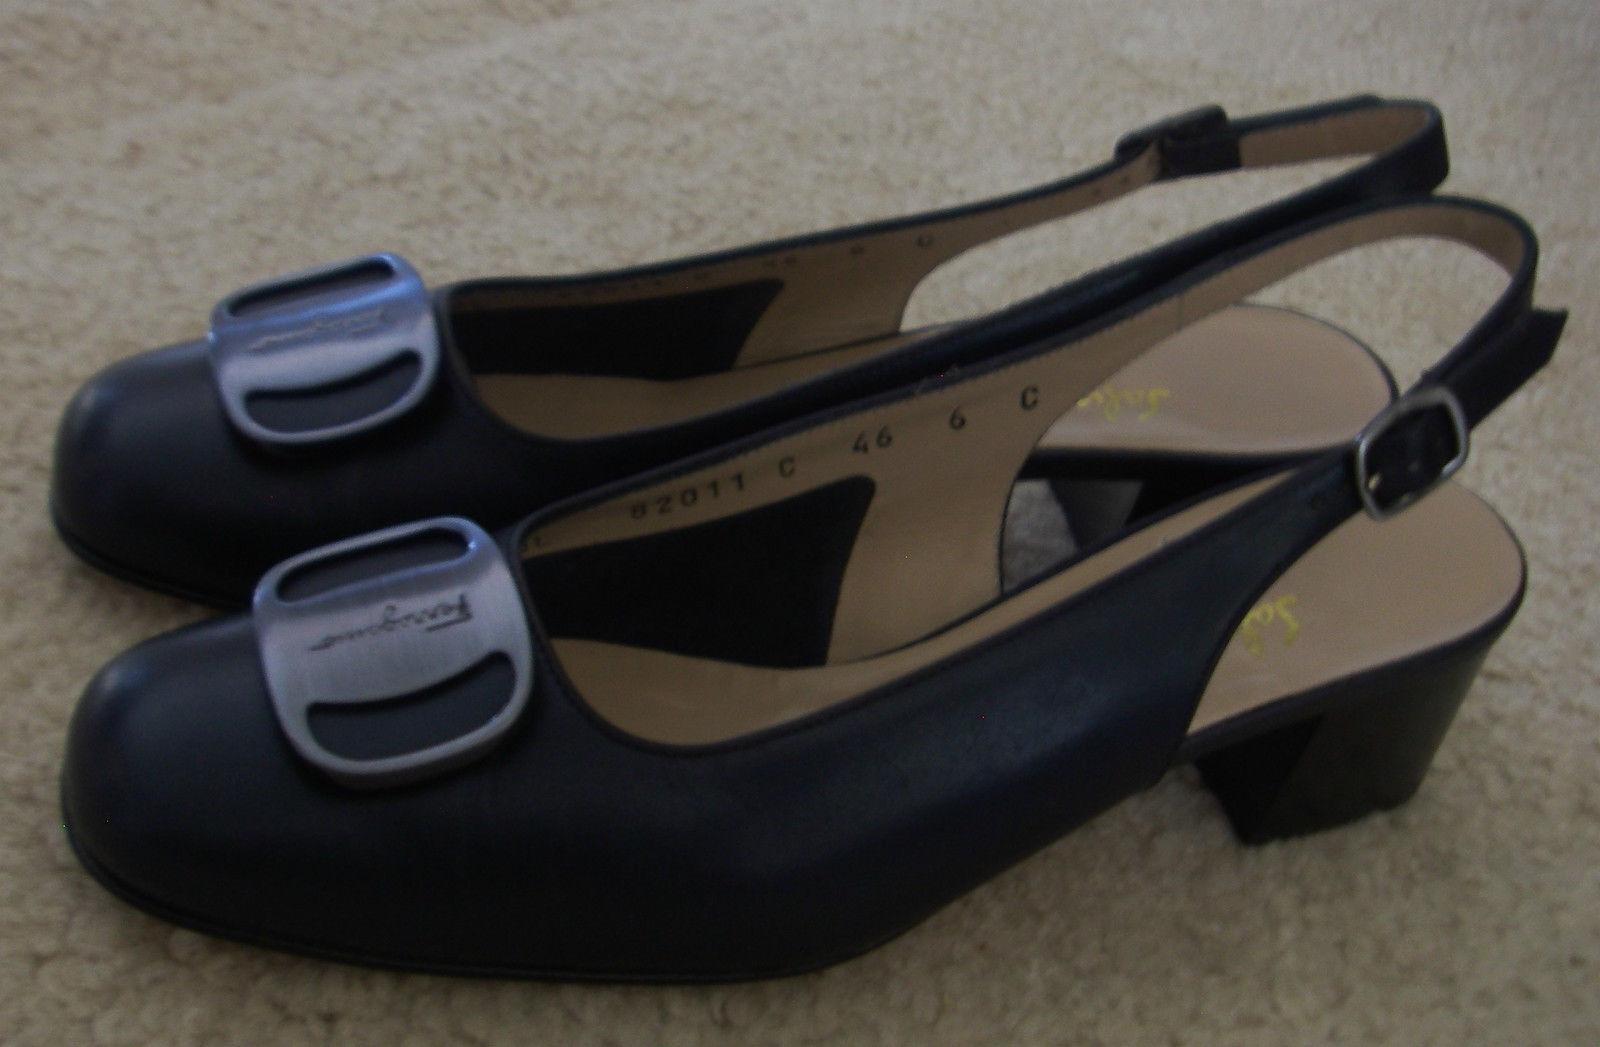 Para mujer Salvatore Ferragamo Boutique Bombas Zapatos Azules De Tacón Tacón Tacón Bajo Charol 6 C  875  autentico en linea